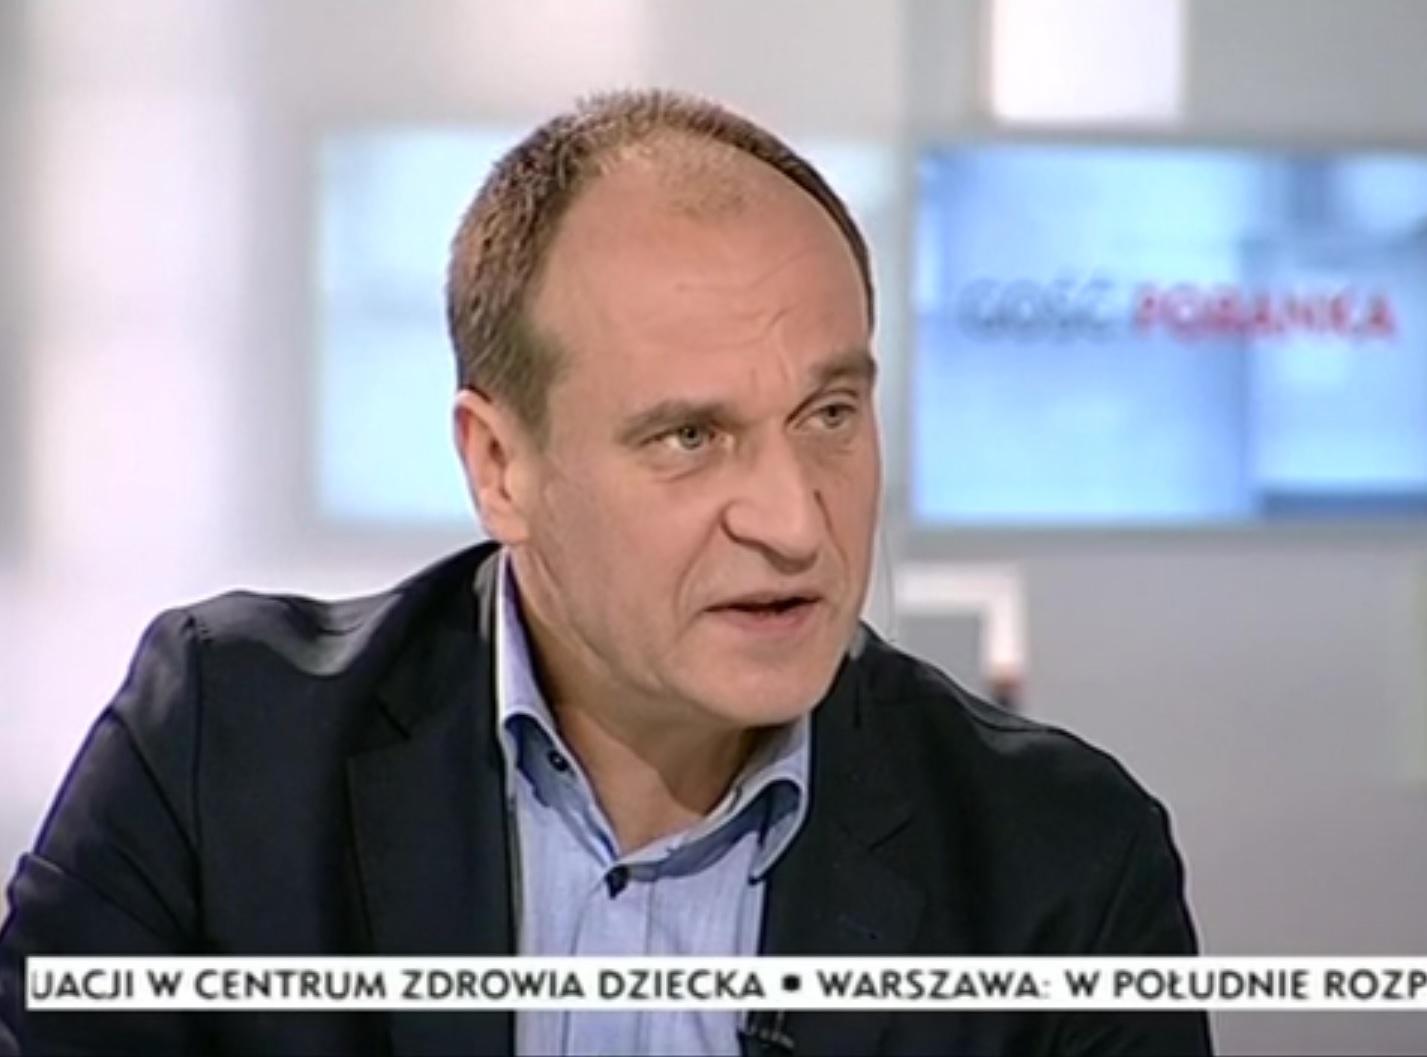 Kukiz: Posłowie PiS nie mają pojęcia co podpisali!